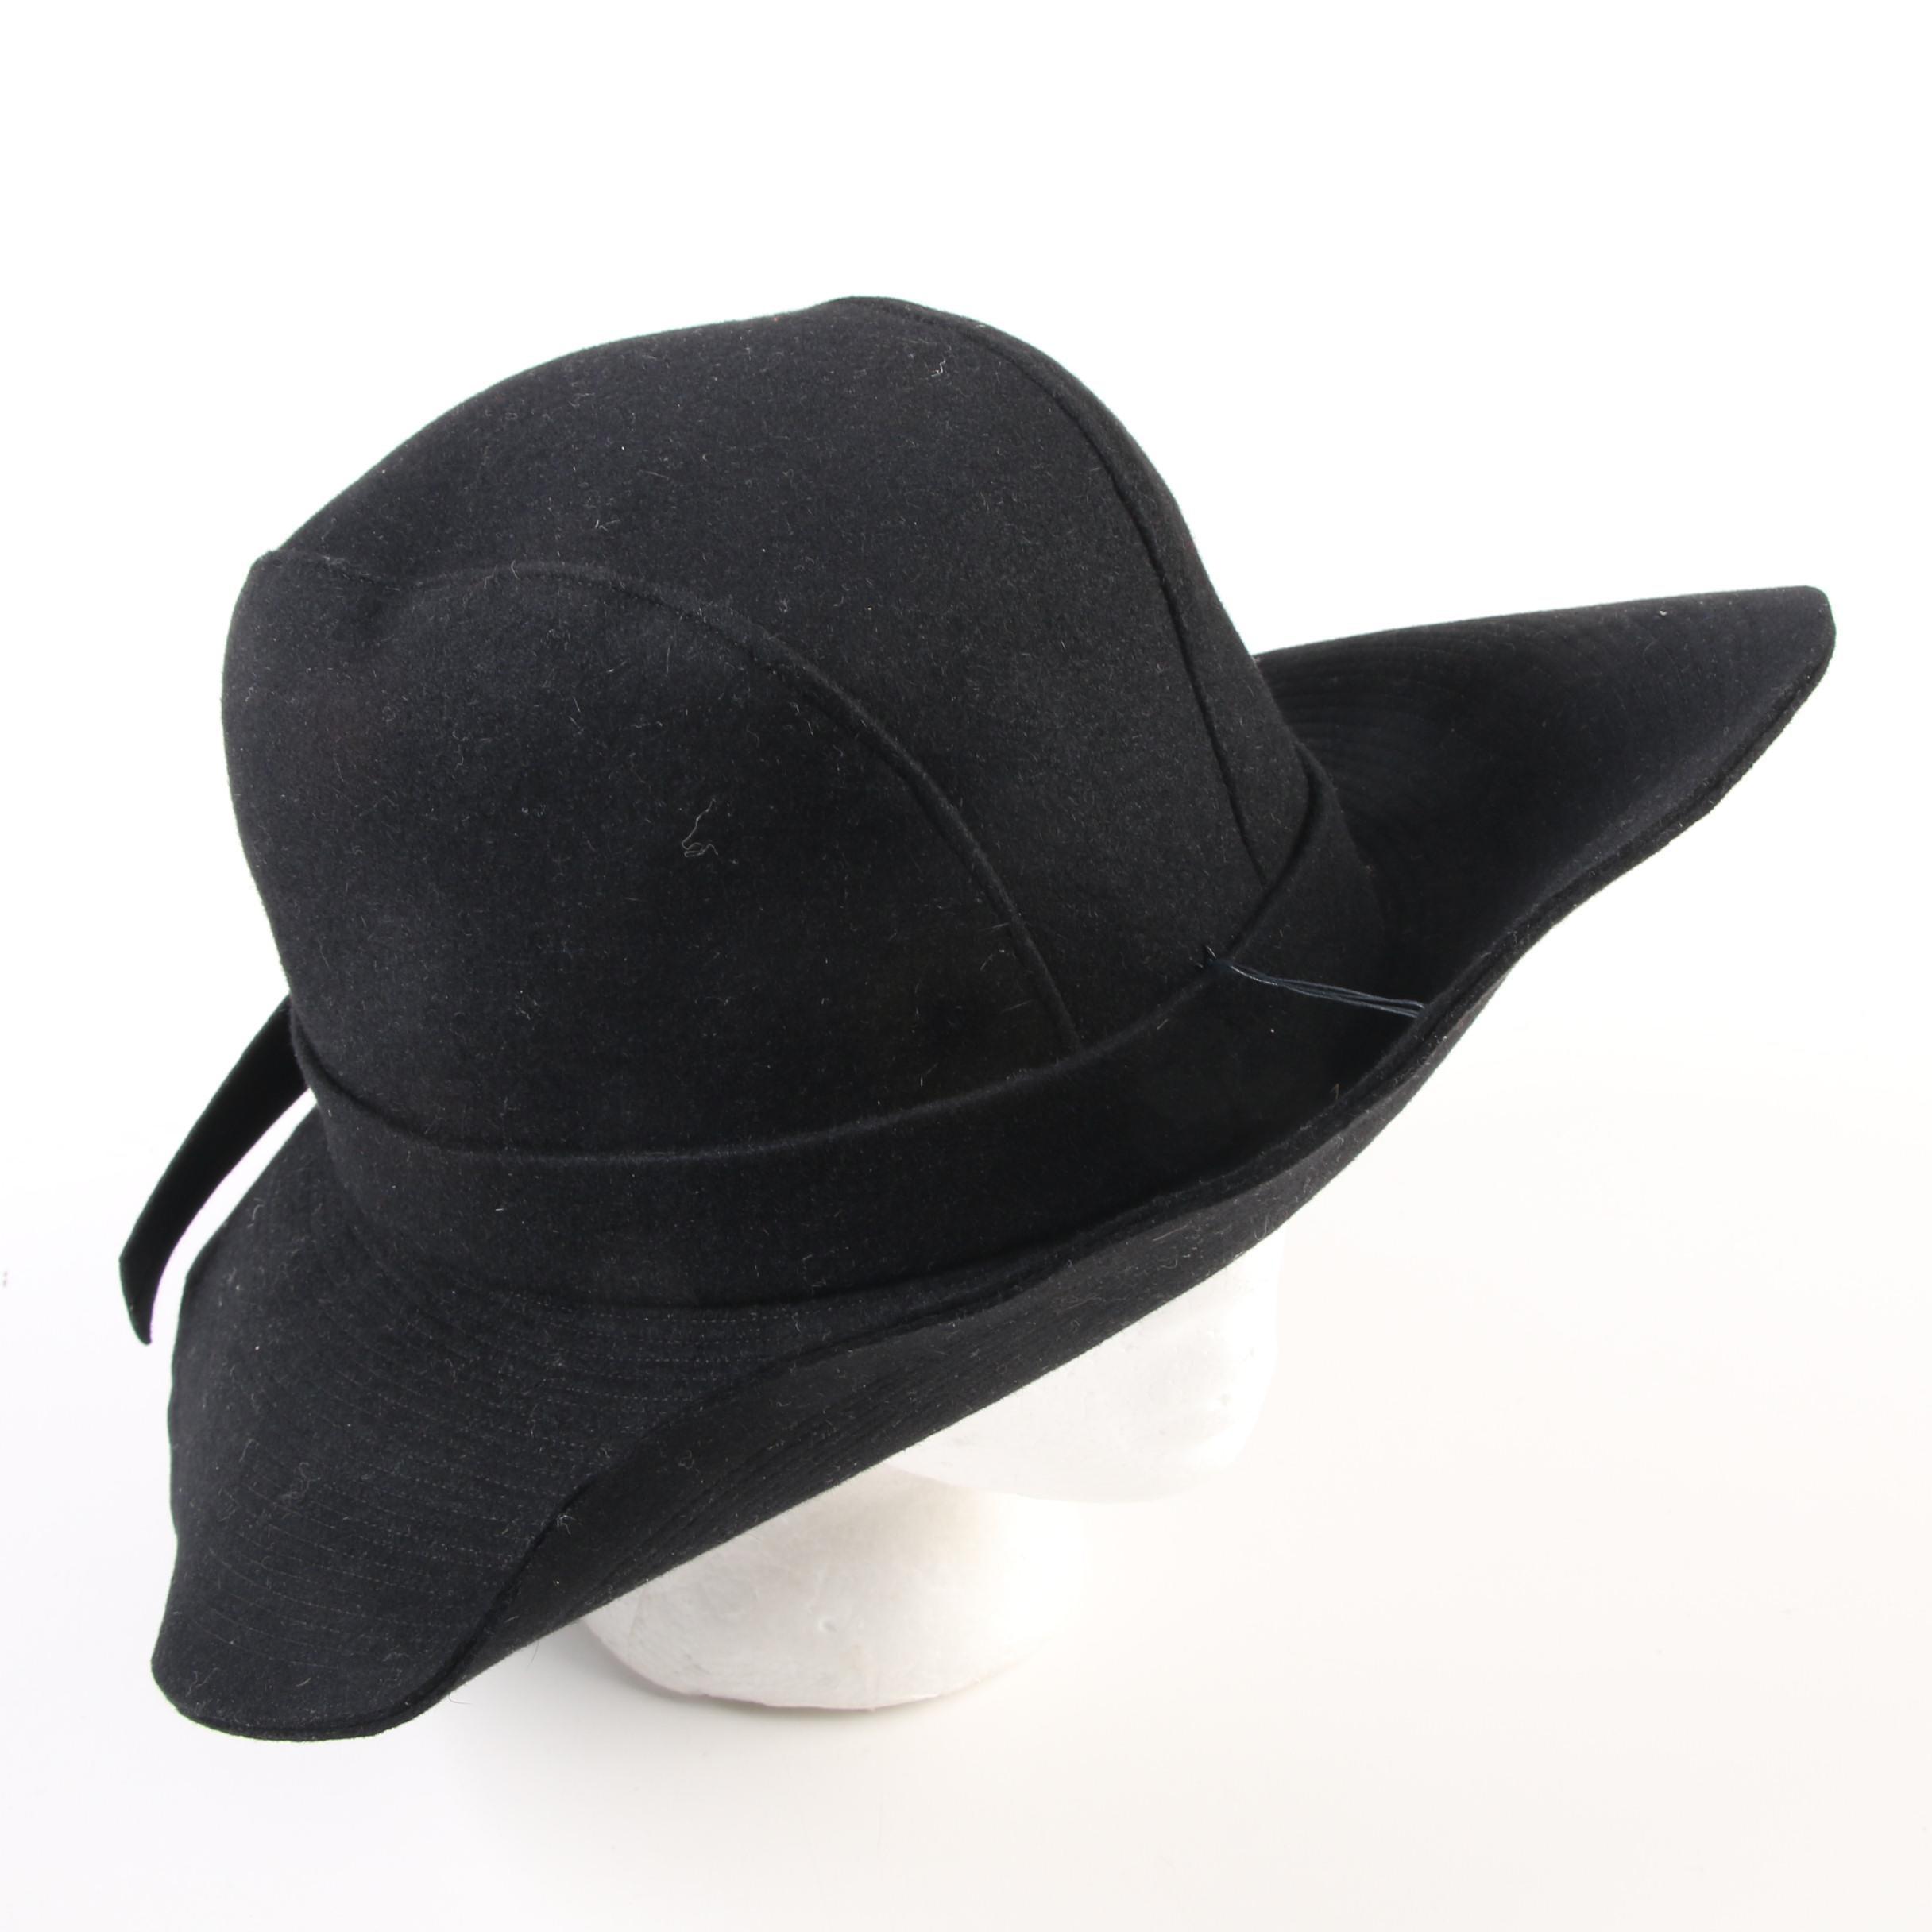 Adolfo for I. Magnin Black Felt Hat, Vintage, 1960s Vintage